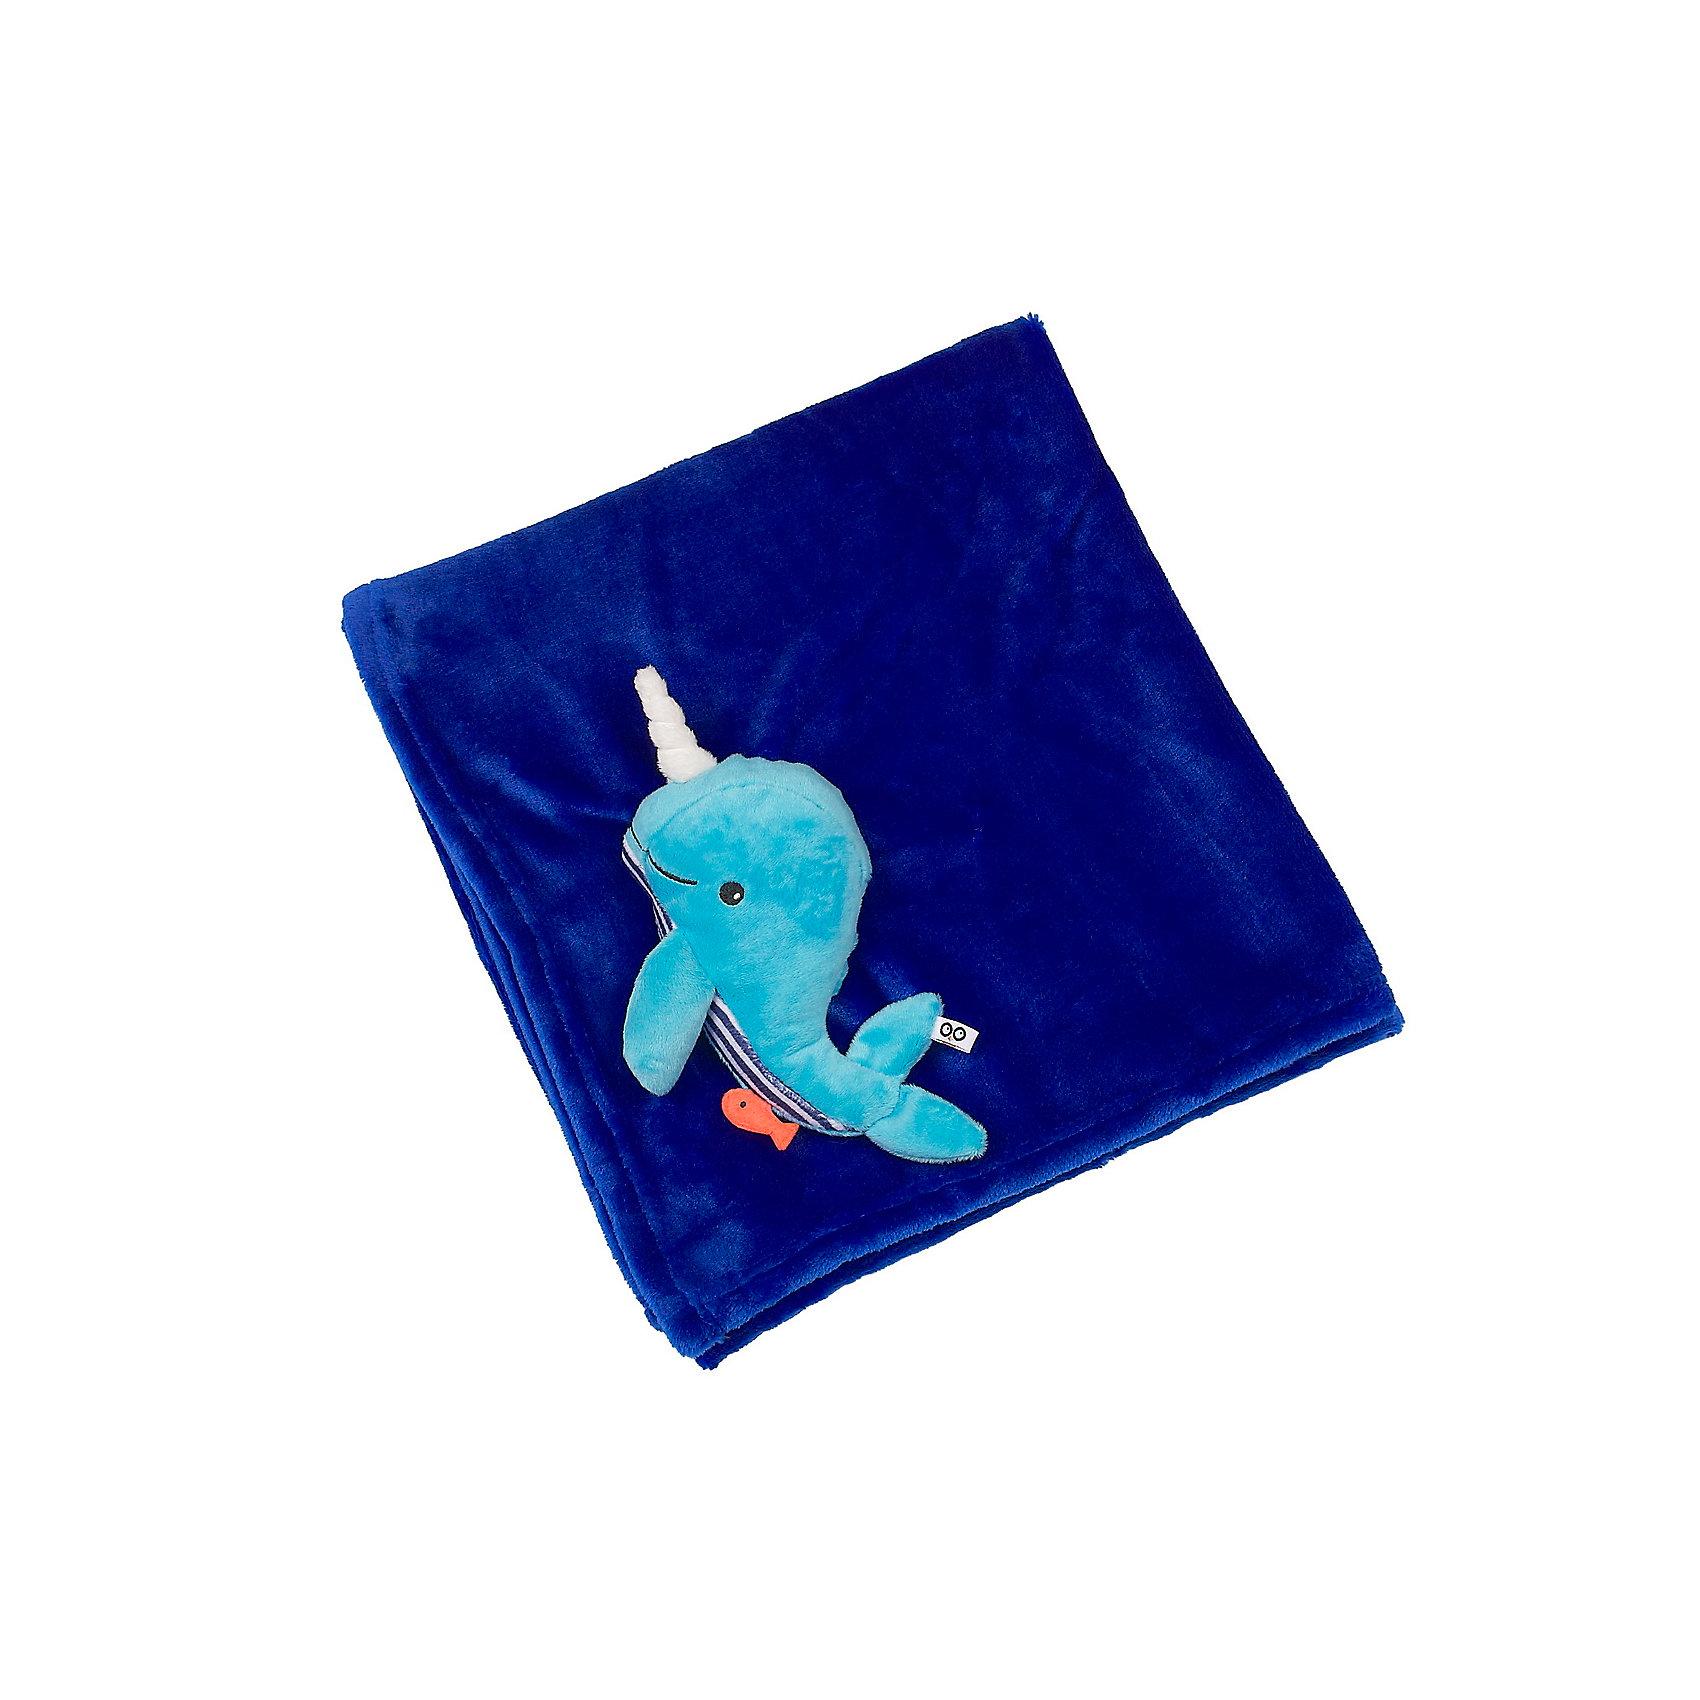 Одеяло с игрушкой Кит, Zoocchini, синийОдеяла, пледы<br>Одеяло с игрушкой Кит, синий от американского бренда Zoocchini (Зукинни) поможет в оформлении интерьера детской комнаты и приведет в восторг вашего ребенка. Яркий синий цвет одеяла и мягкий друг Кит на уголке будут радовать глаз и развлекать, а нежная плюшевая ткань очень приятна на ощупь и подарить тепло и комфорт маленькому крохе. Одеяло можно брать с собой на природу, в машину или в коляску во время прогулки прохладным вечером. <br>Дополнительная информация:<br>- Состав: 100% полиэстер<br>- Размер: 68,5 * 99 см.<br>Одеяло с игрушкой Кит, синий Zoocchini(Зукини) можно купить в нашем интернет-магазине.<br>Подробнее:<br>• Для детей в возрасте: от 0 до 3 лет<br>• Номер товара: 4976015<br>Страна производитель: Китай<br><br>Ширина мм: 255<br>Глубина мм: 75<br>Высота мм: 255<br>Вес г: 418<br>Возраст от месяцев: 0<br>Возраст до месяцев: 36<br>Пол: Унисекс<br>Возраст: Детский<br>SKU: 4976015